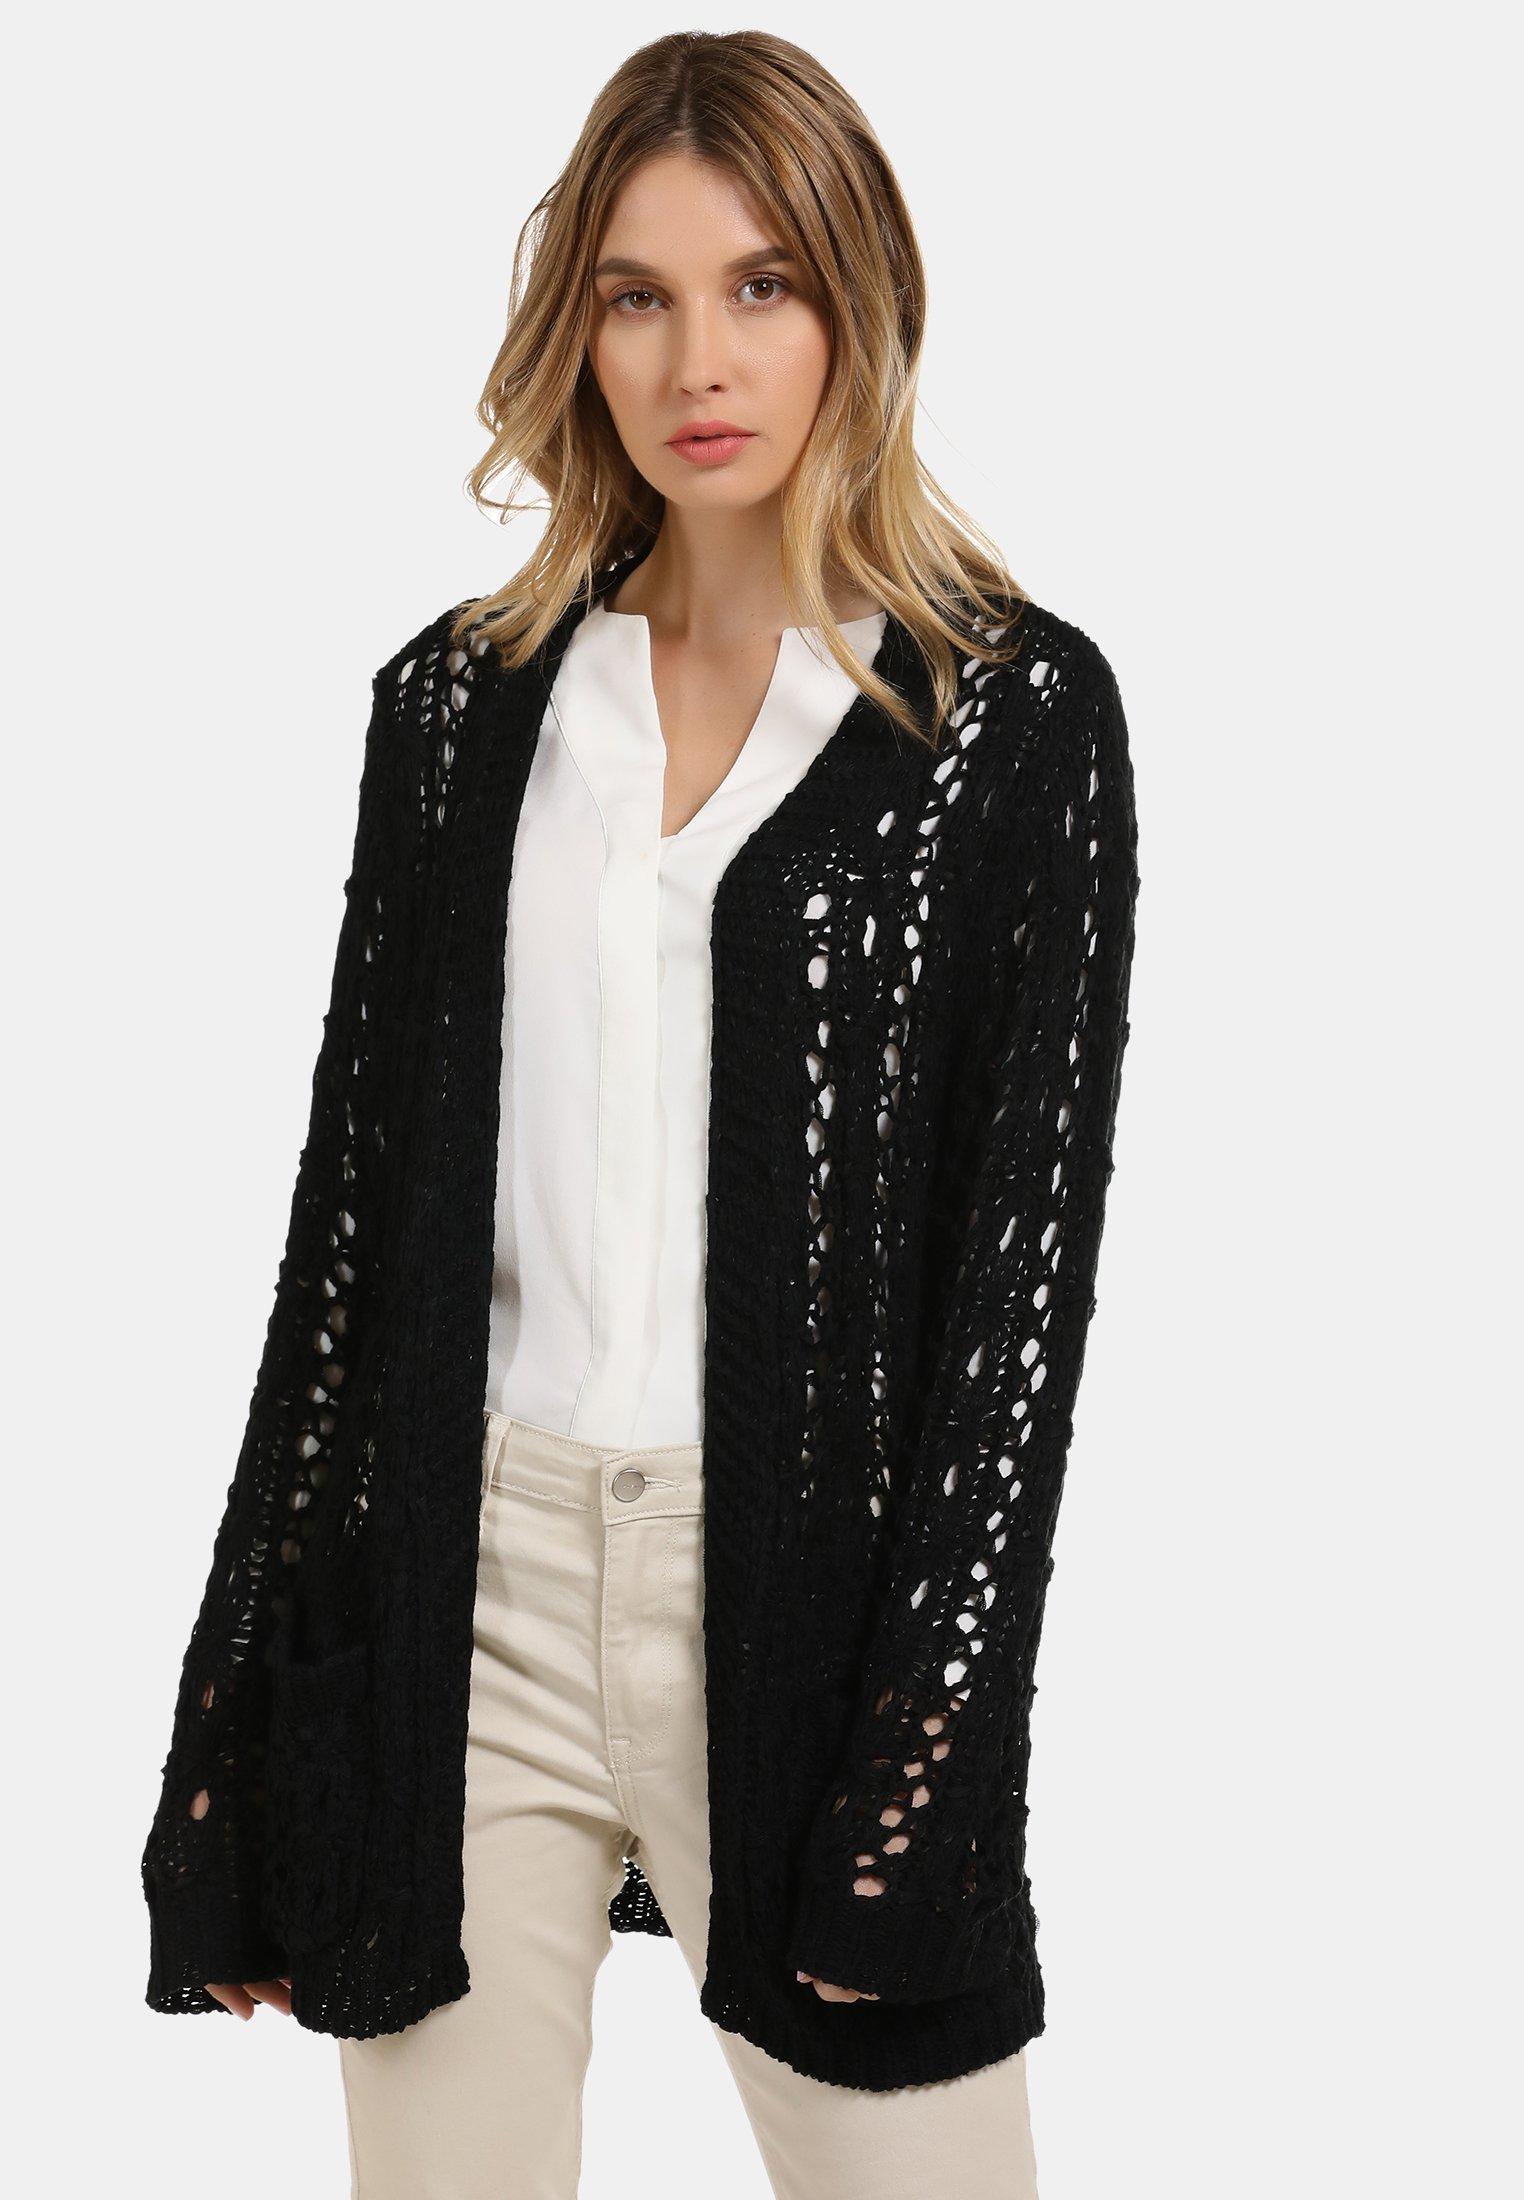 New Arrival Fashion Women's Clothing usha Cardigan black j2doG2PNT